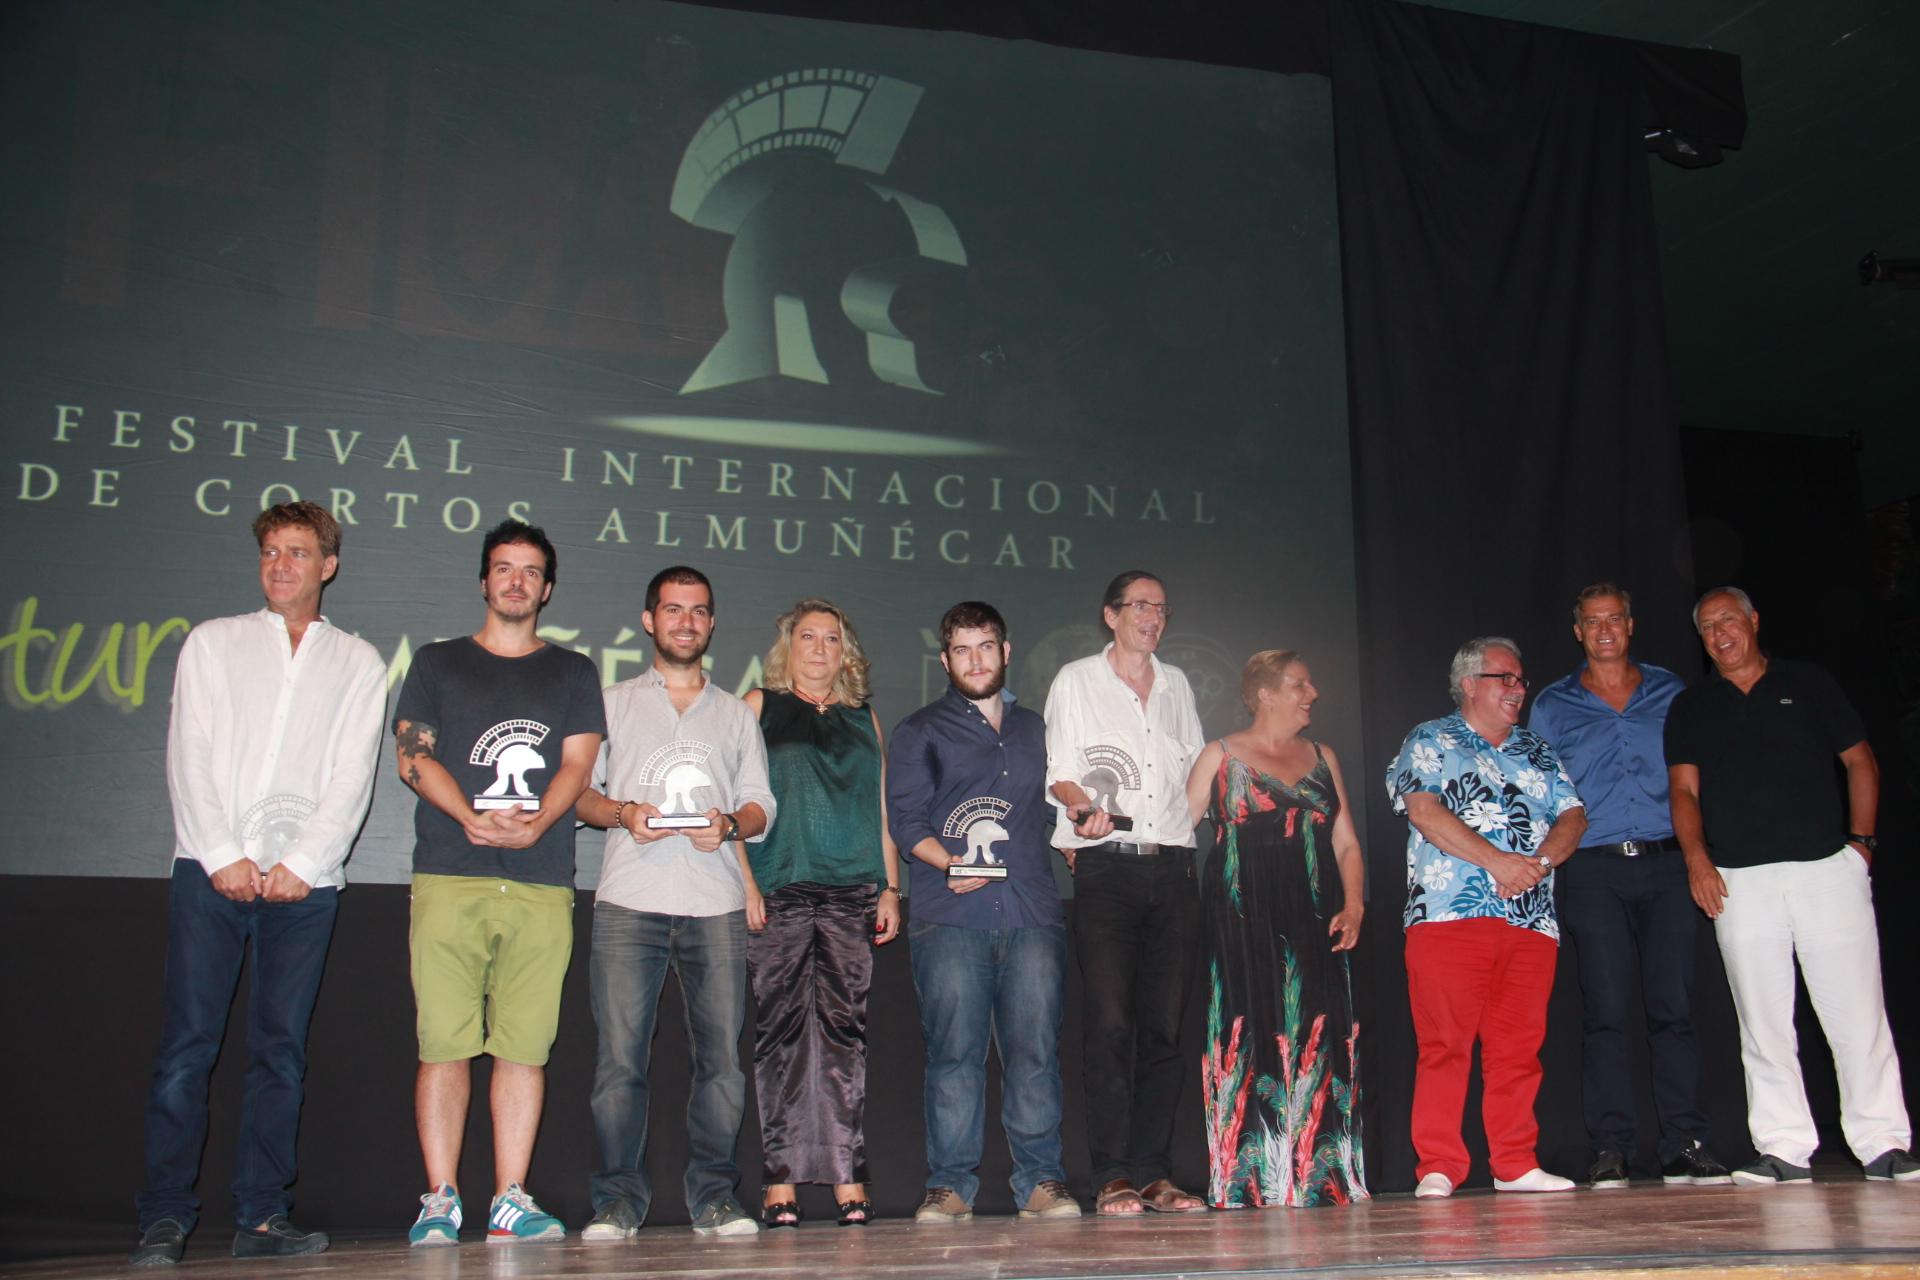 GALARDONADOS EN FESTIVAL INTERNACIONAL CORTOS ALMUÑECAR 2014